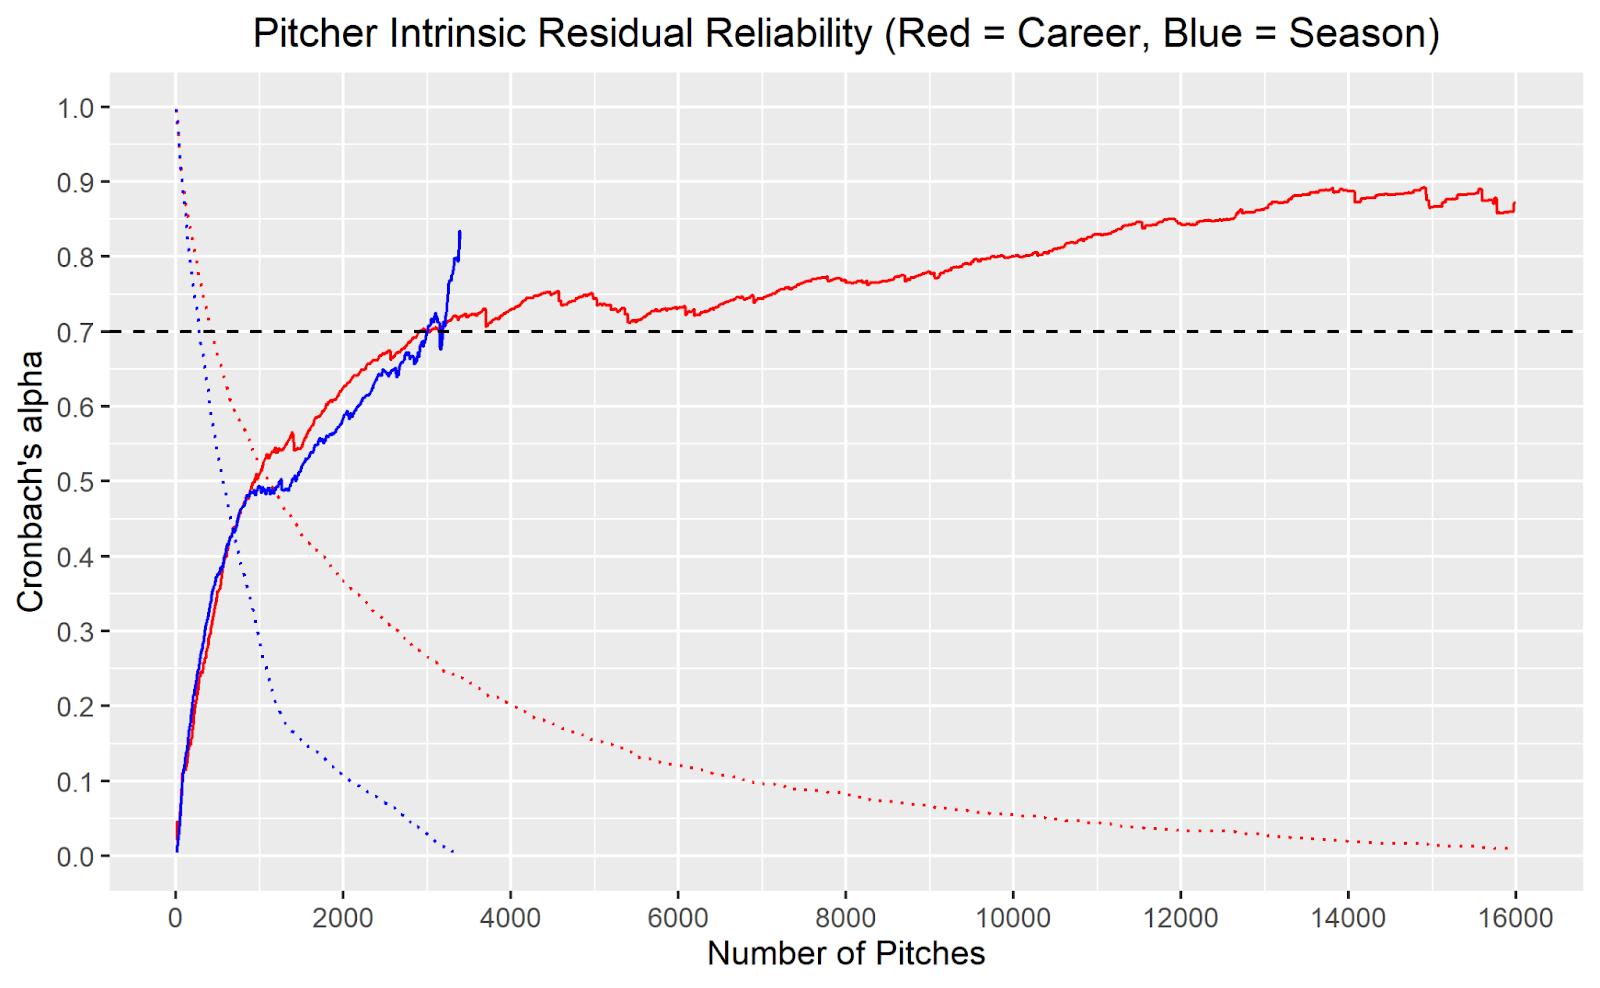 Pitcher Intrinsic Residual Reliability